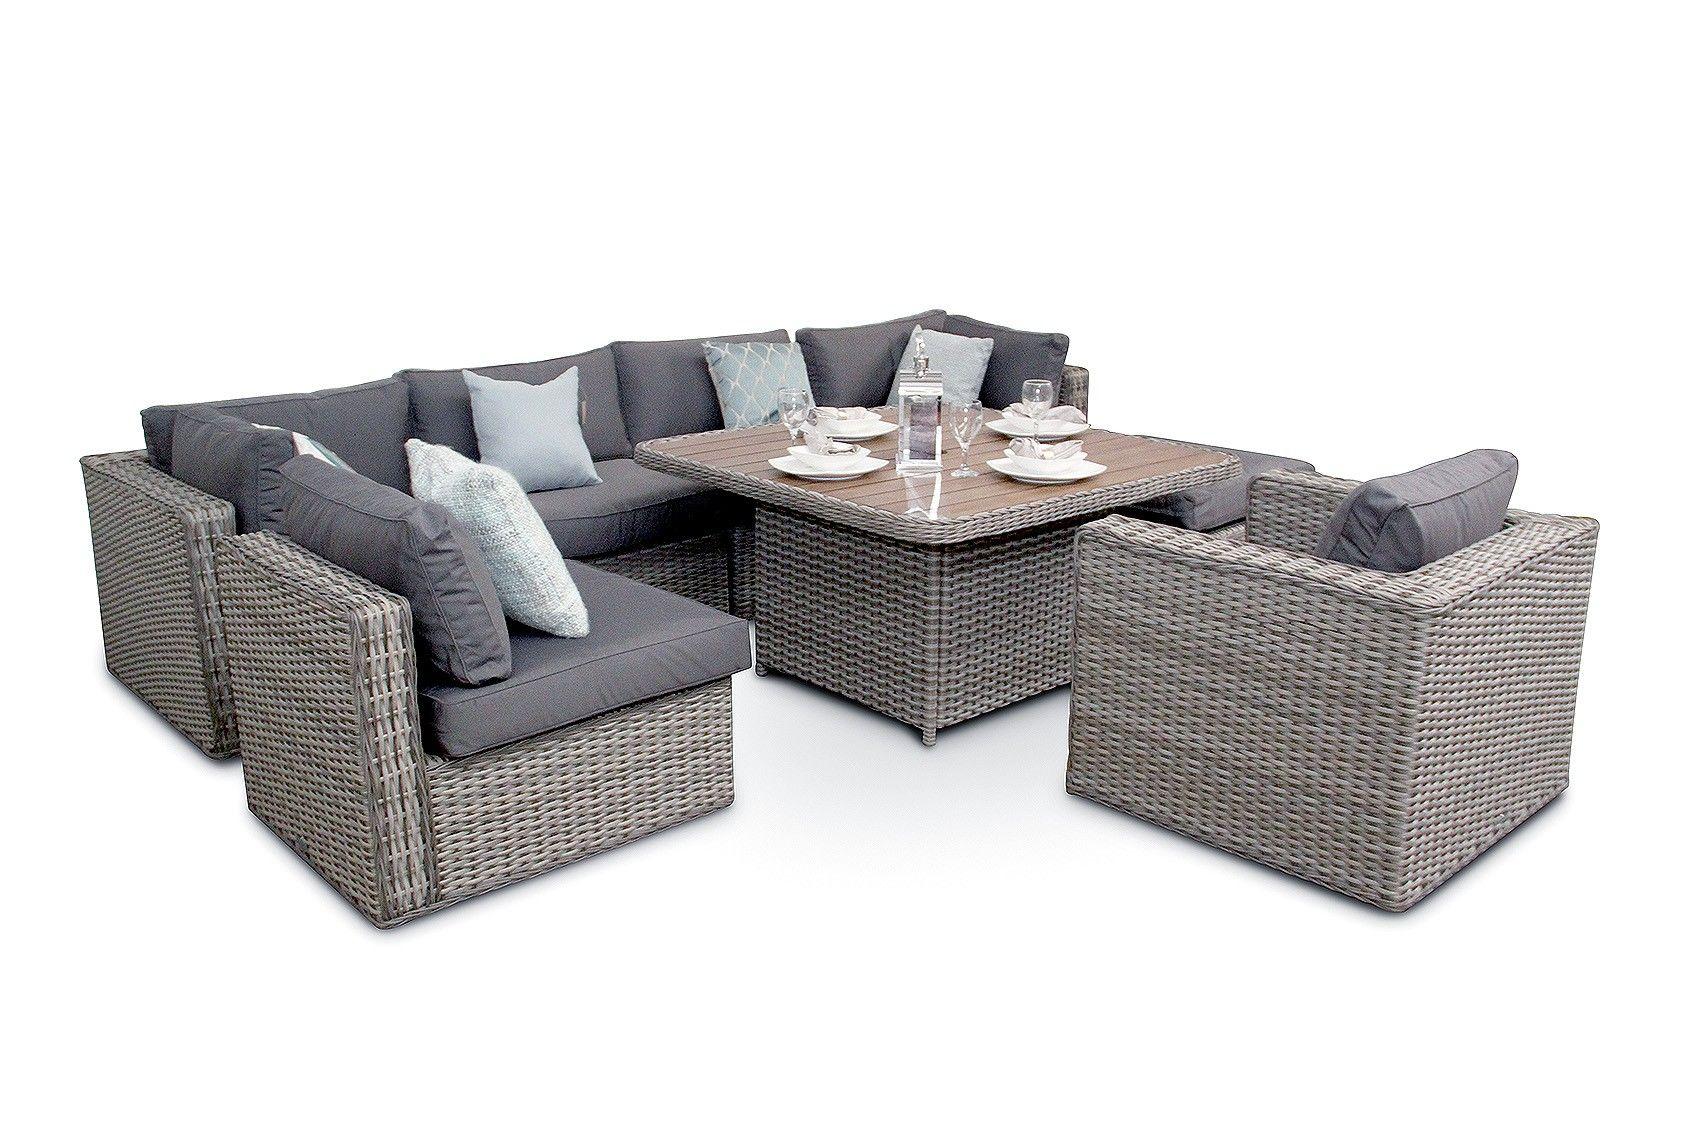 ascot 8pc rattan and acacia garden modular sofa dining set rh pinterest com